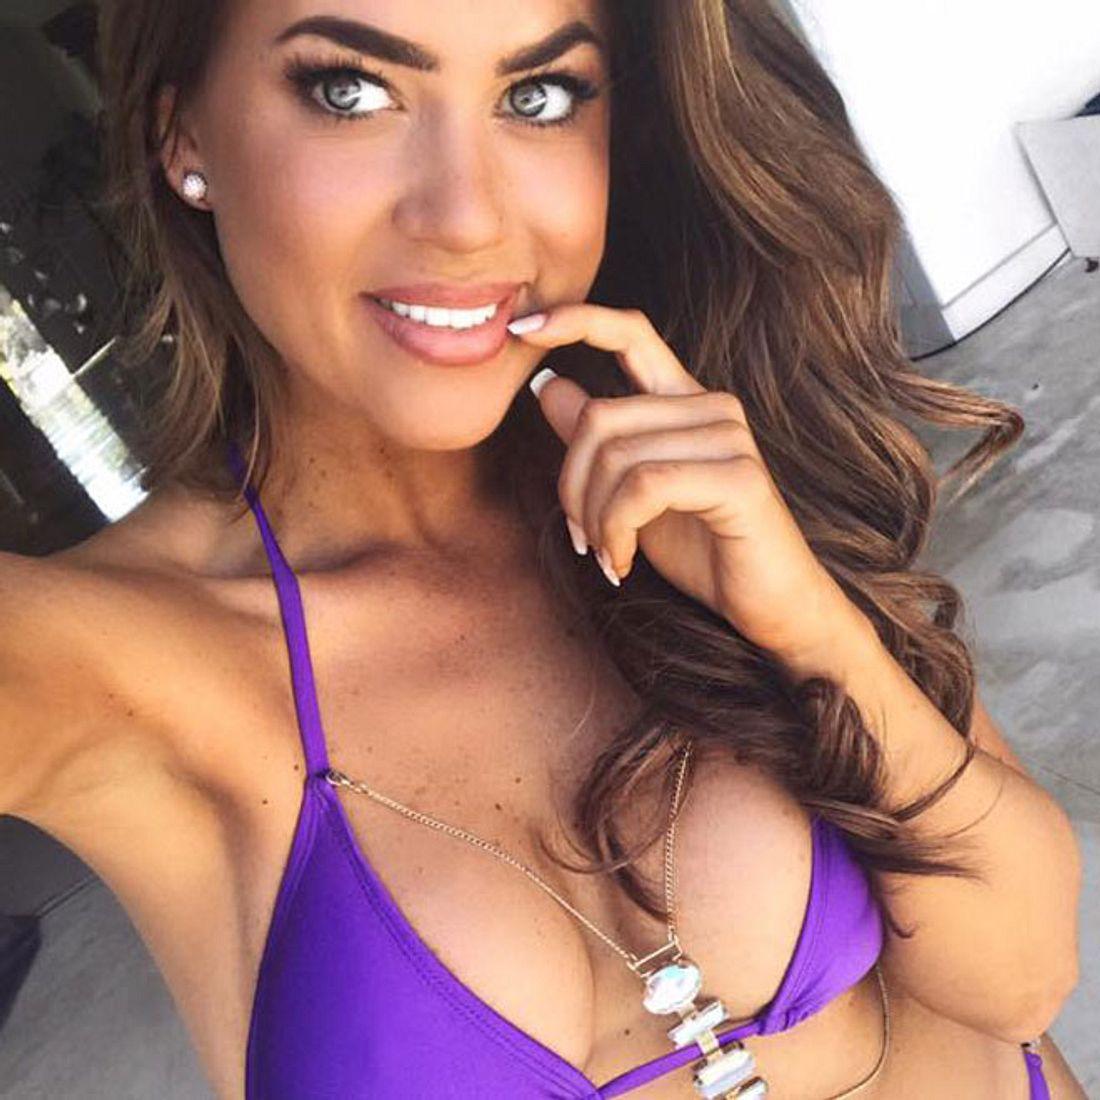 Jessica Paszka